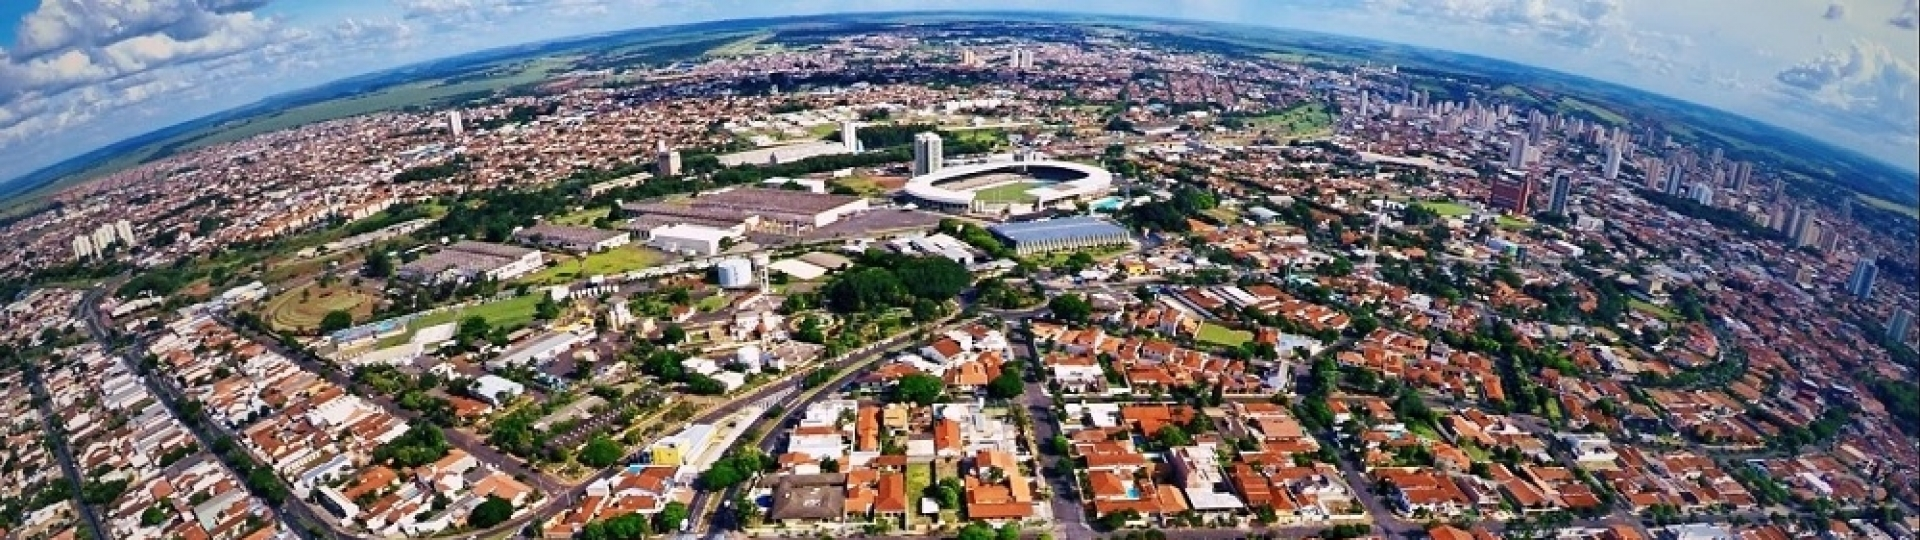 Araraquara: Morada do sol, da laranja, cana, soja, madeira, milho...